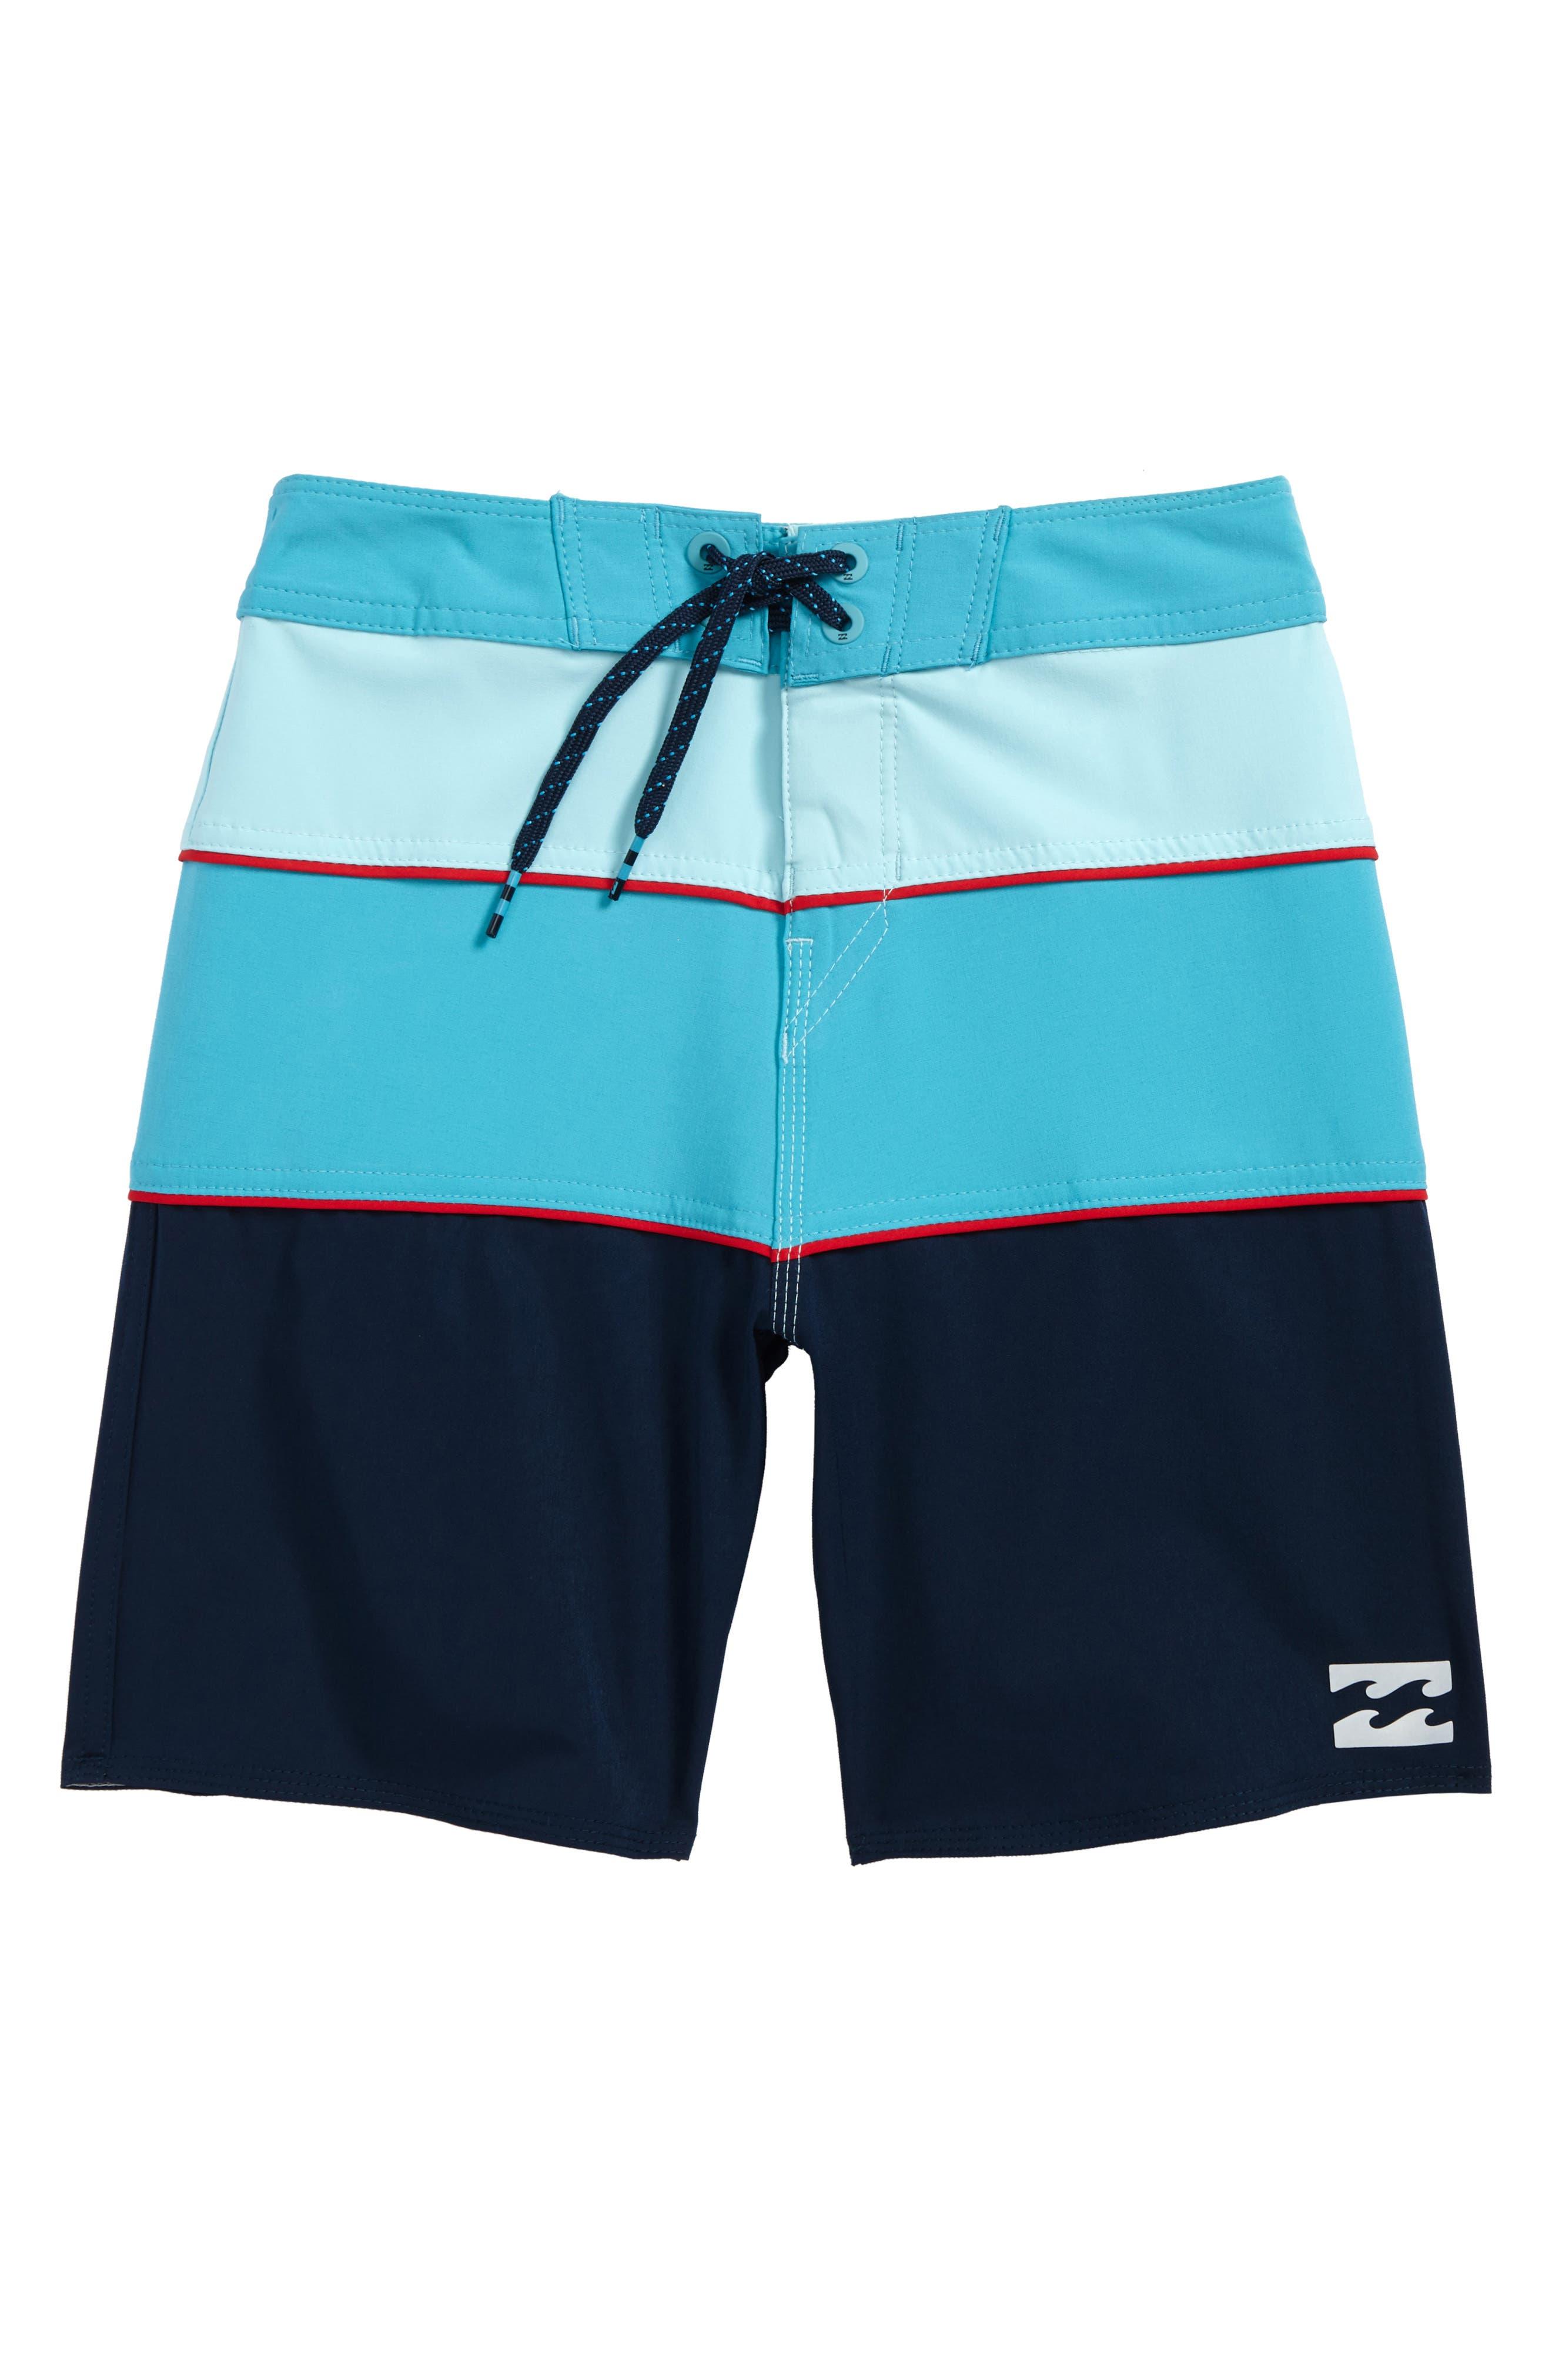 Tribong X Board Shorts,                             Main thumbnail 1, color,                             Navy